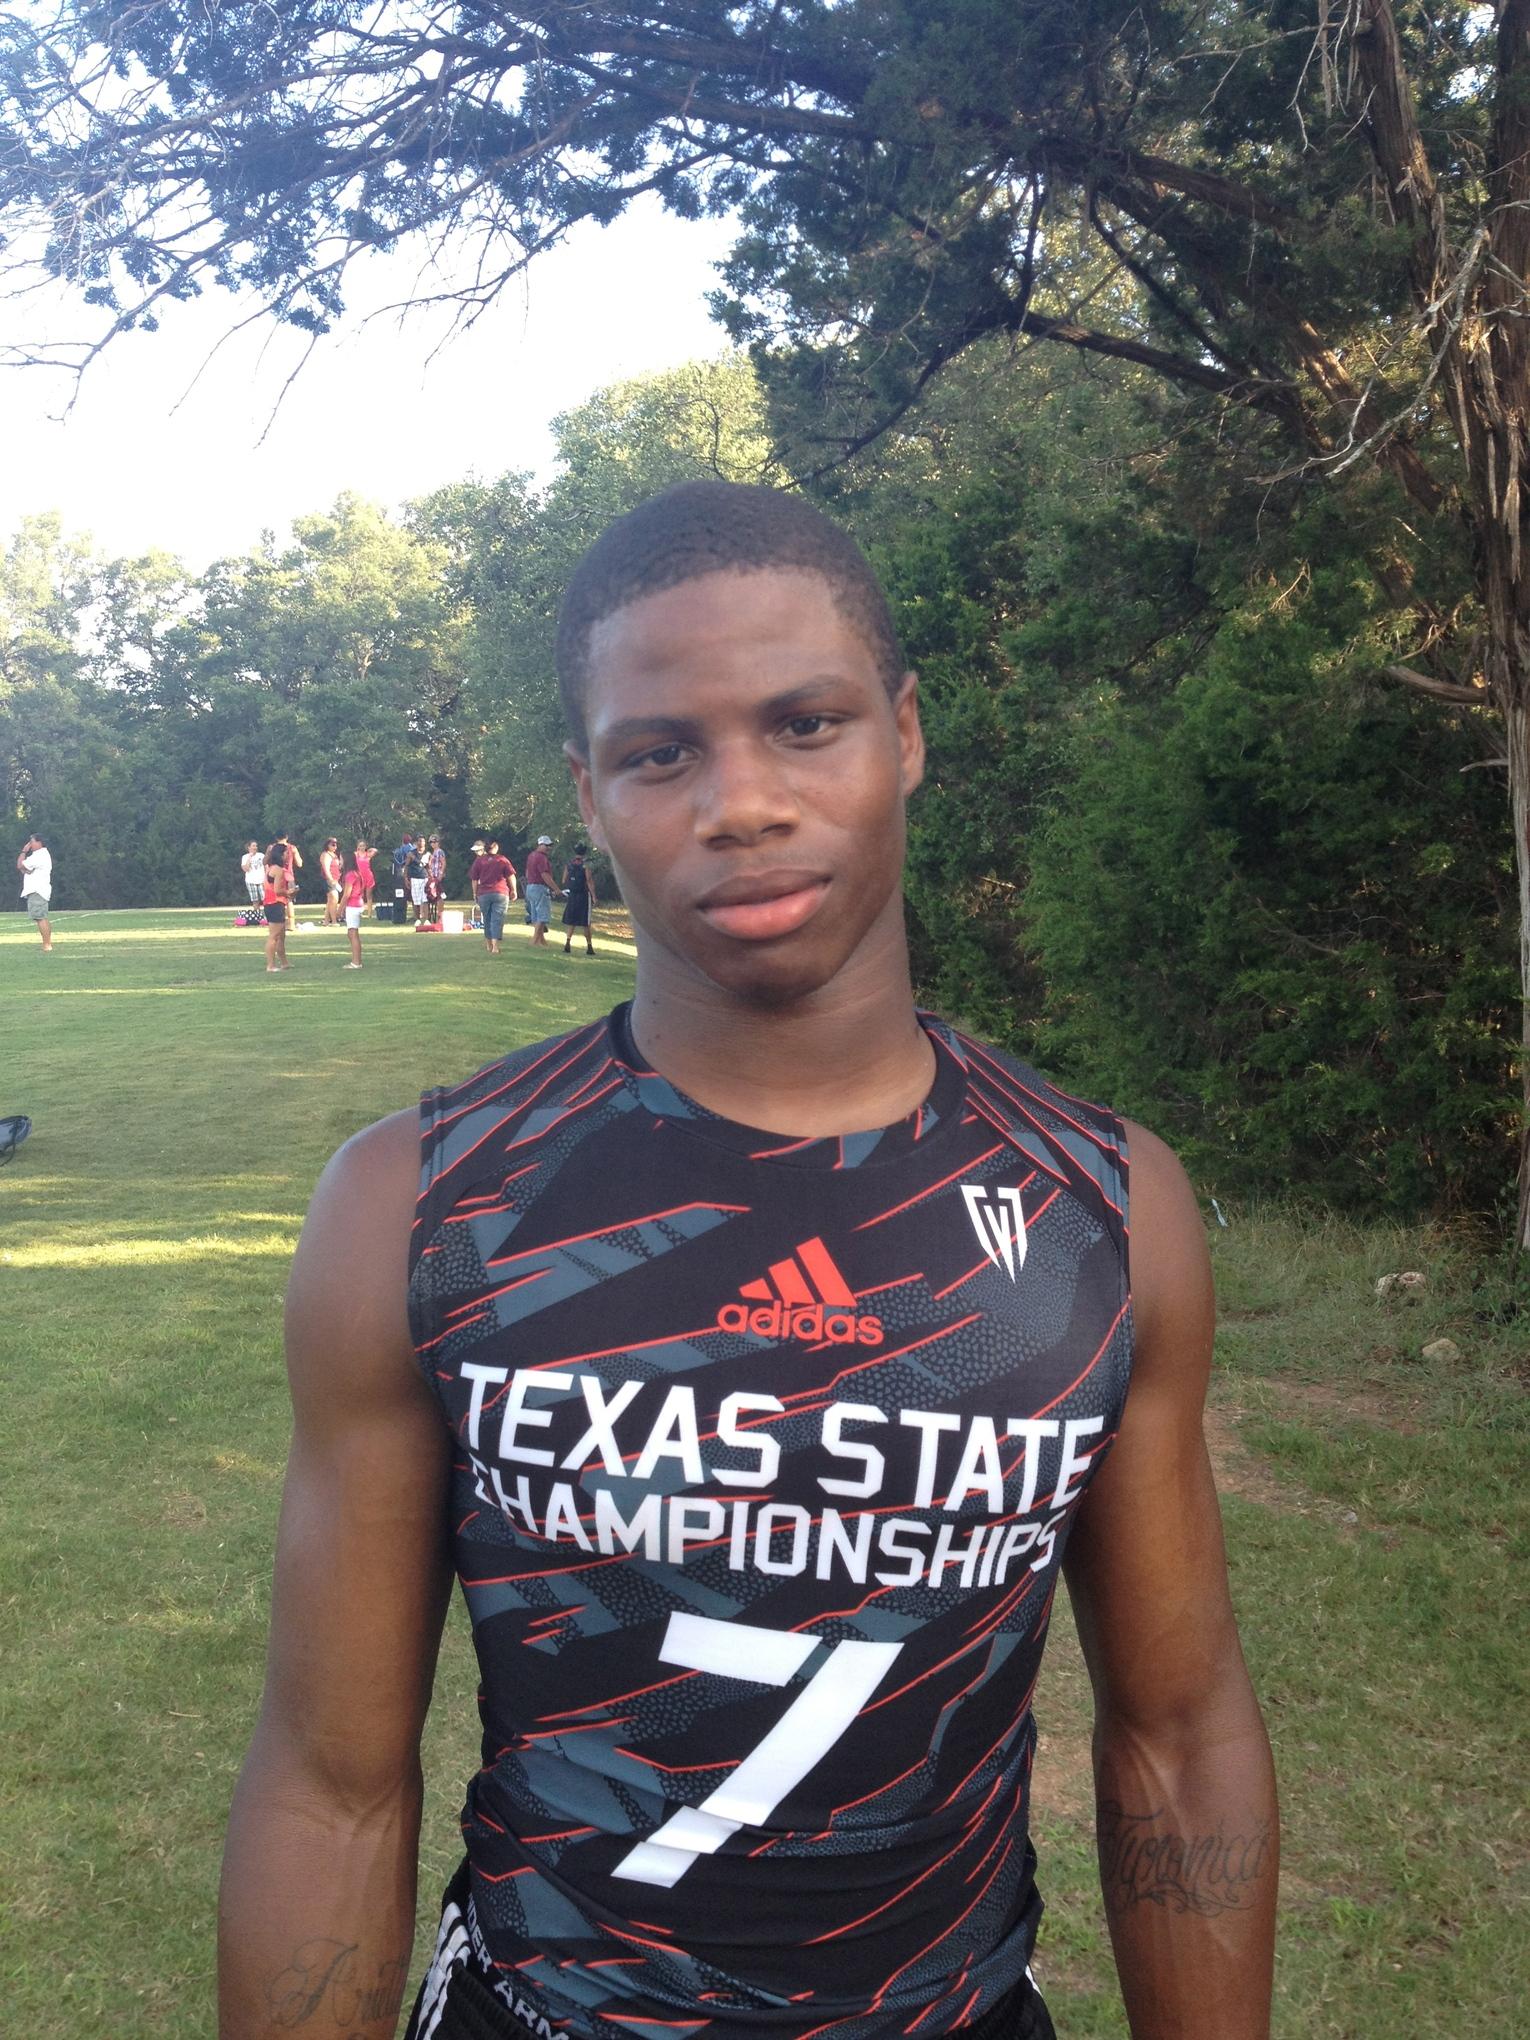 Tyreik Gray at the 2013 Texas state 7on7